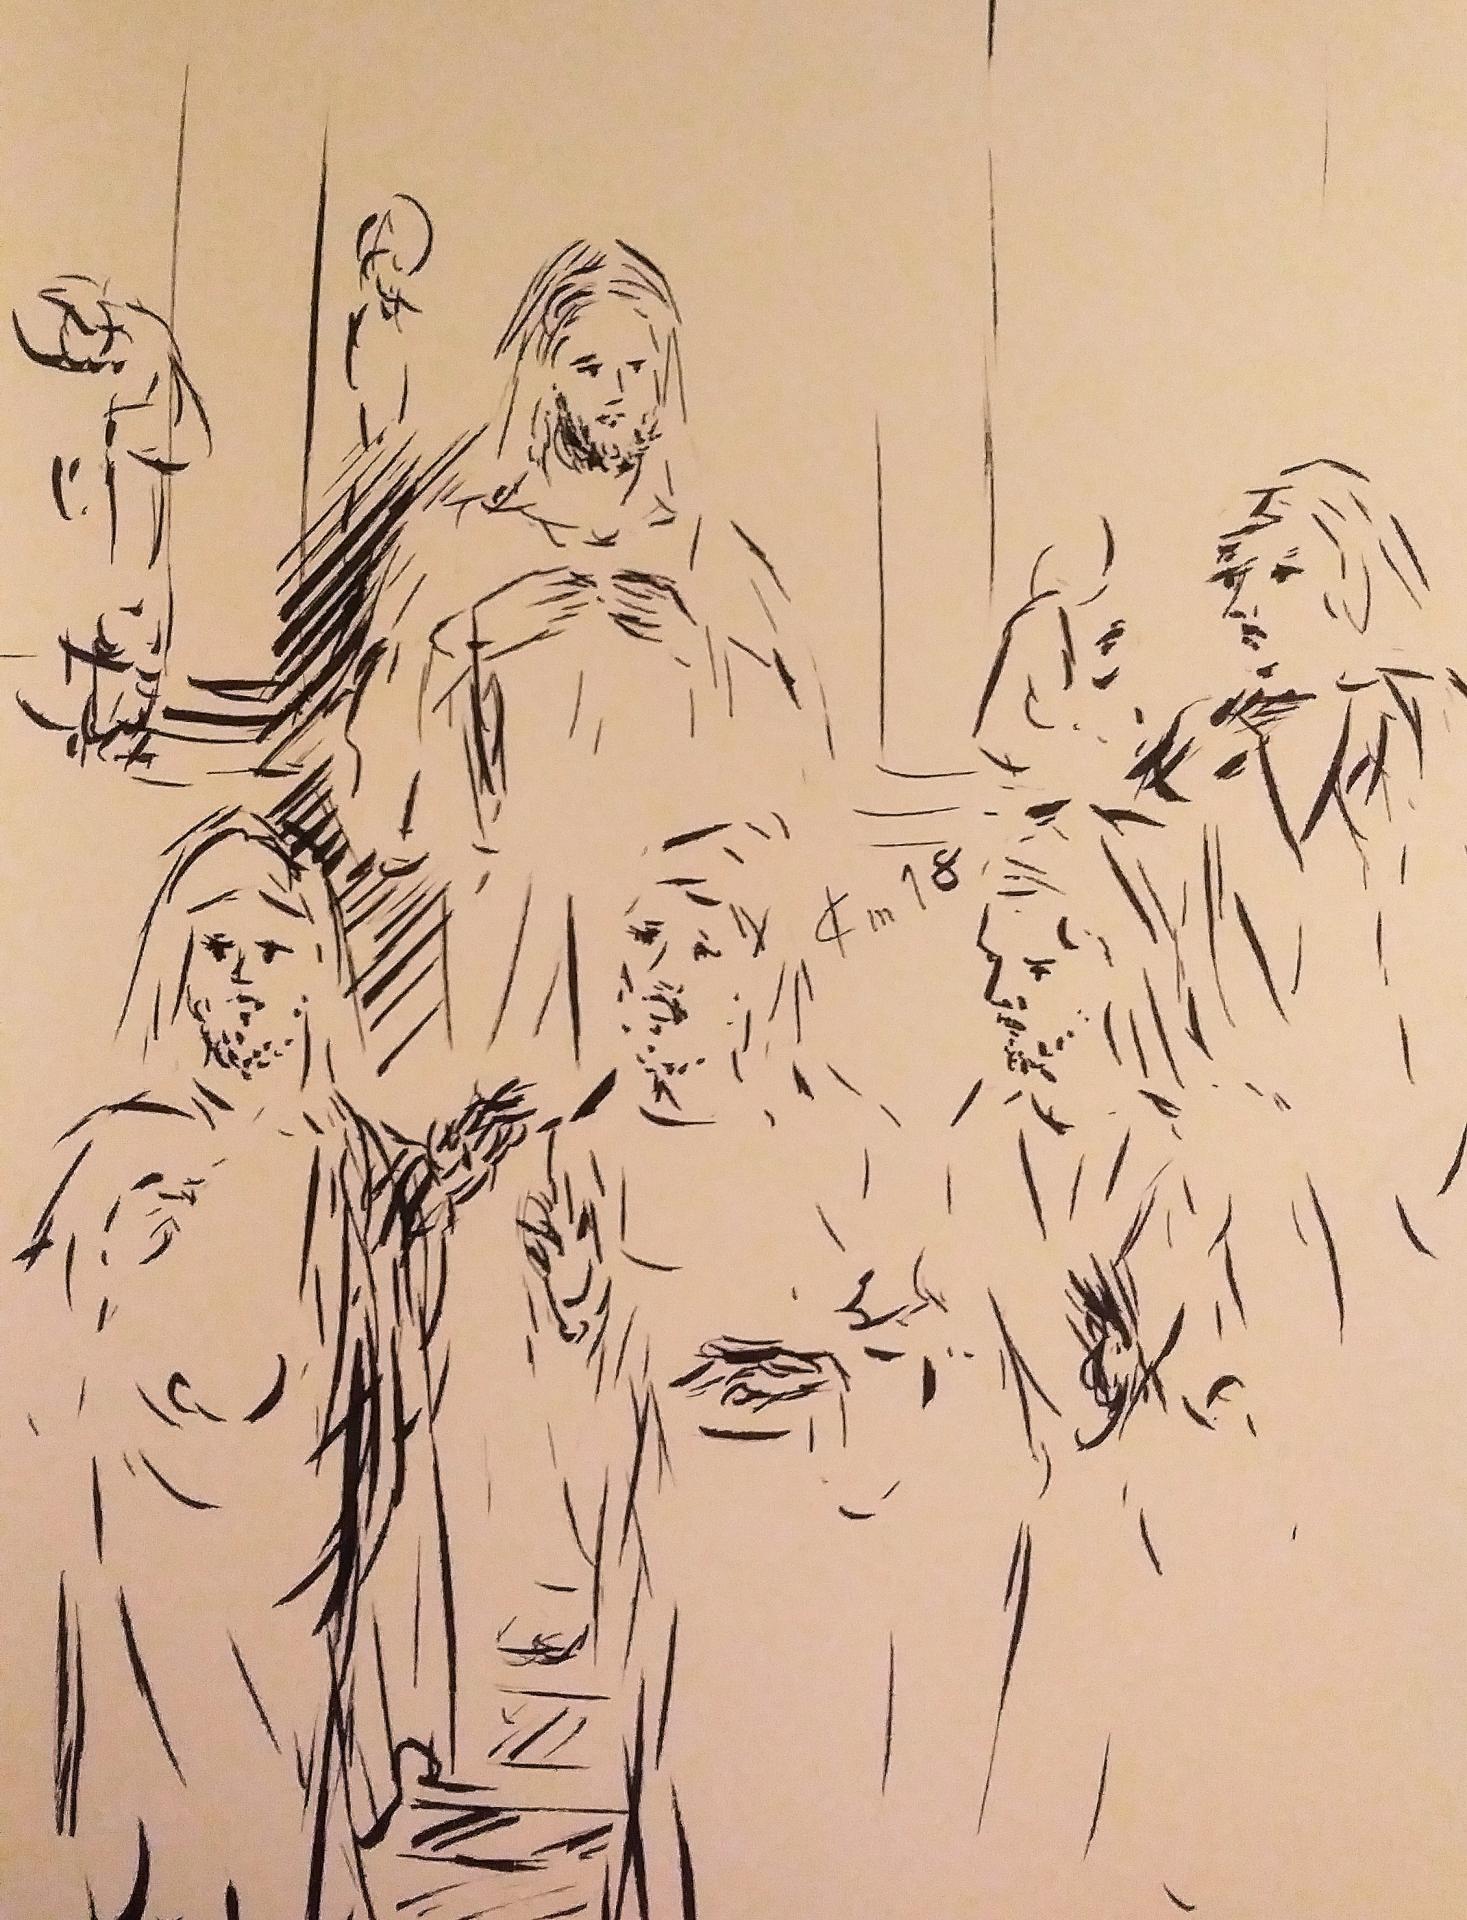 20 avril 2018 evangile du jour illustre par un dessin au lavis de jean joseph chevalier